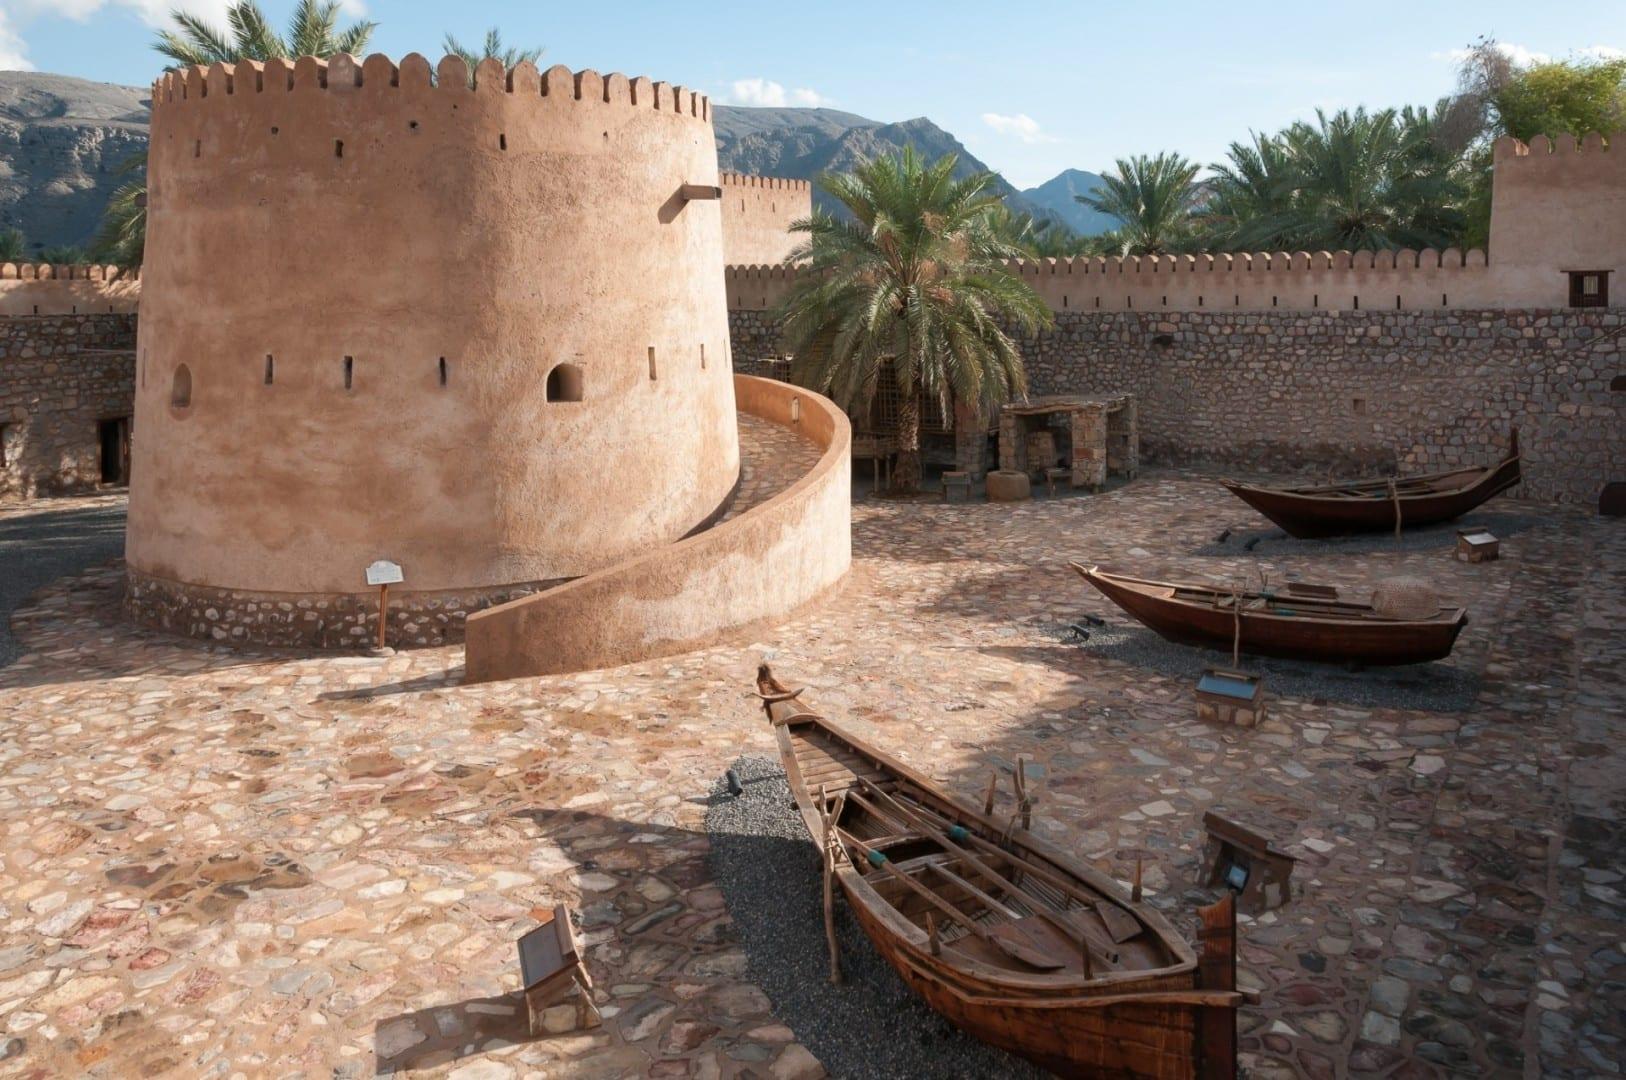 Patio central del Castillo de Khasab con barcos de pesca tradicionales en exhibición Khasab Omán